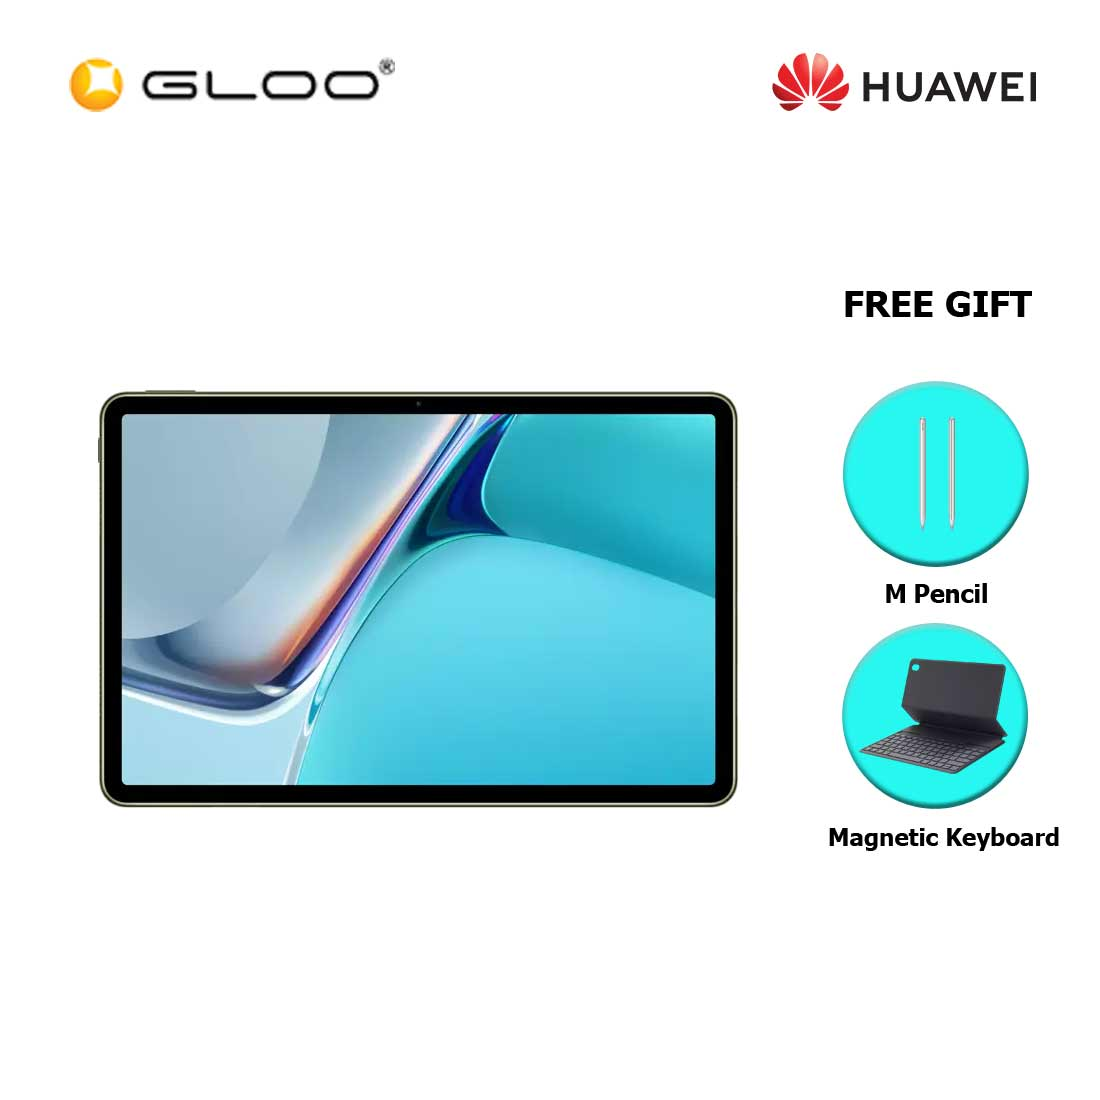 [Pre-Order] Huawei Matepad 11 256GB Olive Green FREE Huawei Matepad 11 M Pencil + Huawei Matepad 11 Magnetic Keyboard (ETA : 6.8.2021)